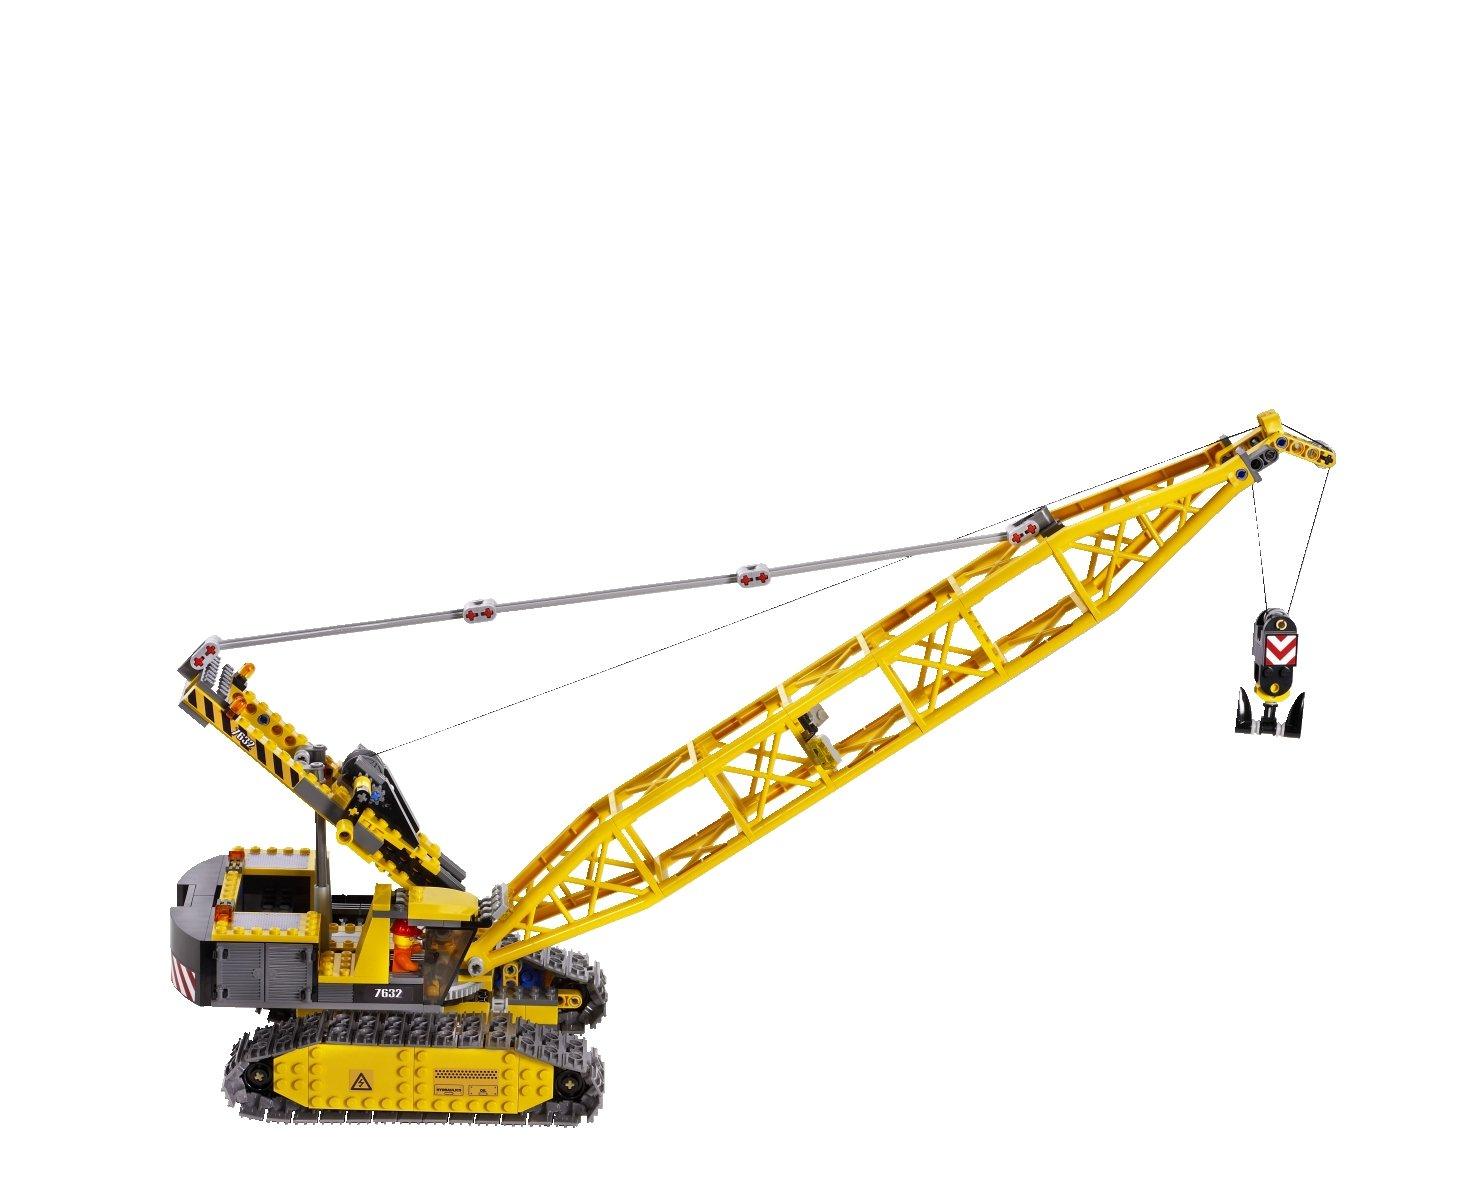 Lego City Crane Lego City 7632 Crawler Crane